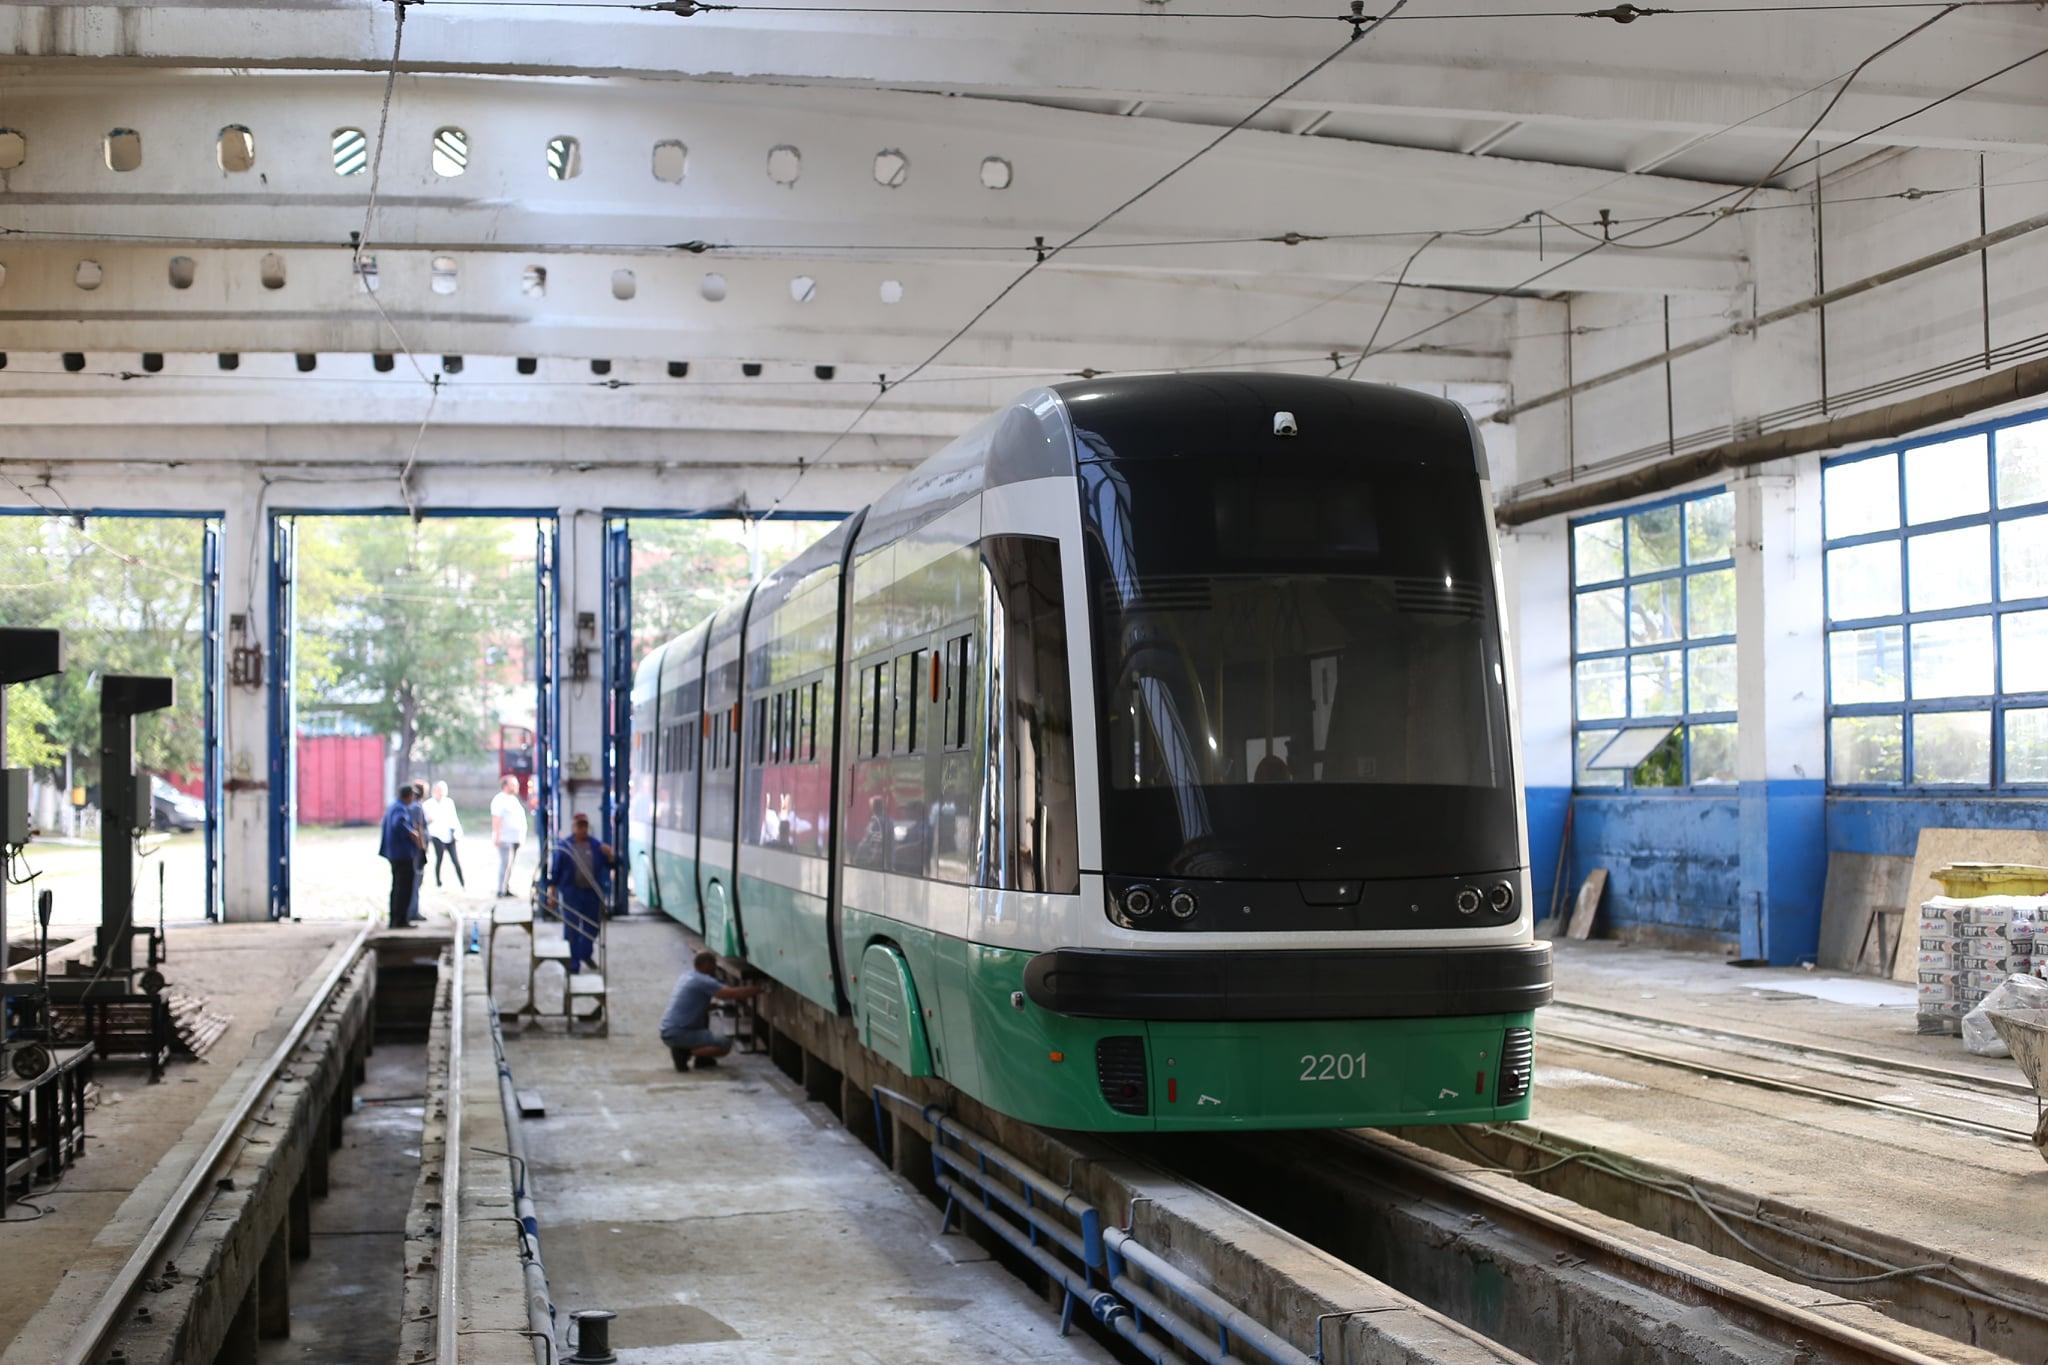 tramvai-exterior (1)